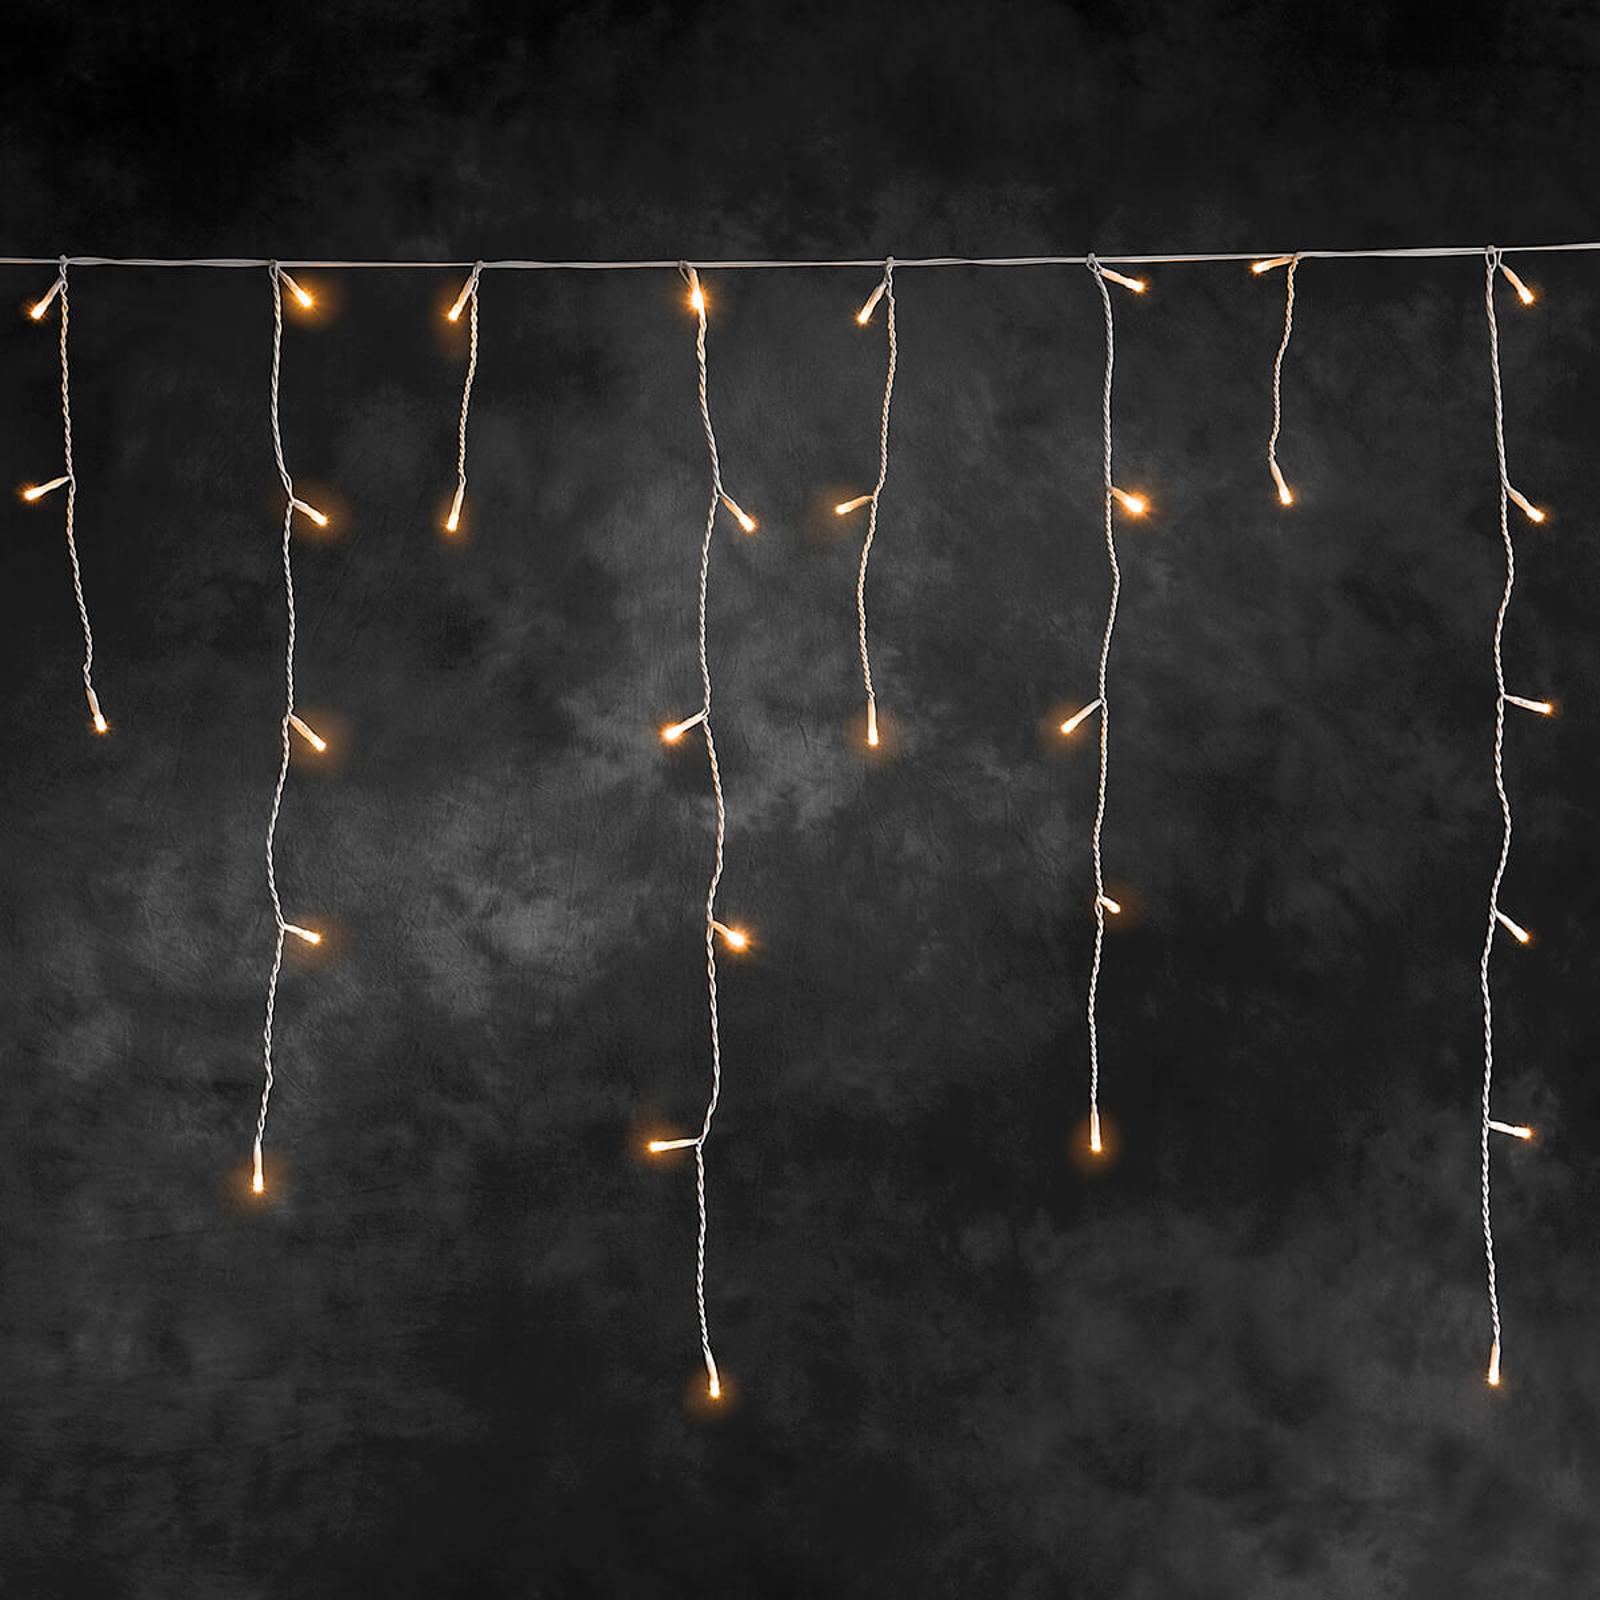 LED lichtgordijn Eisregen amber wit 5m